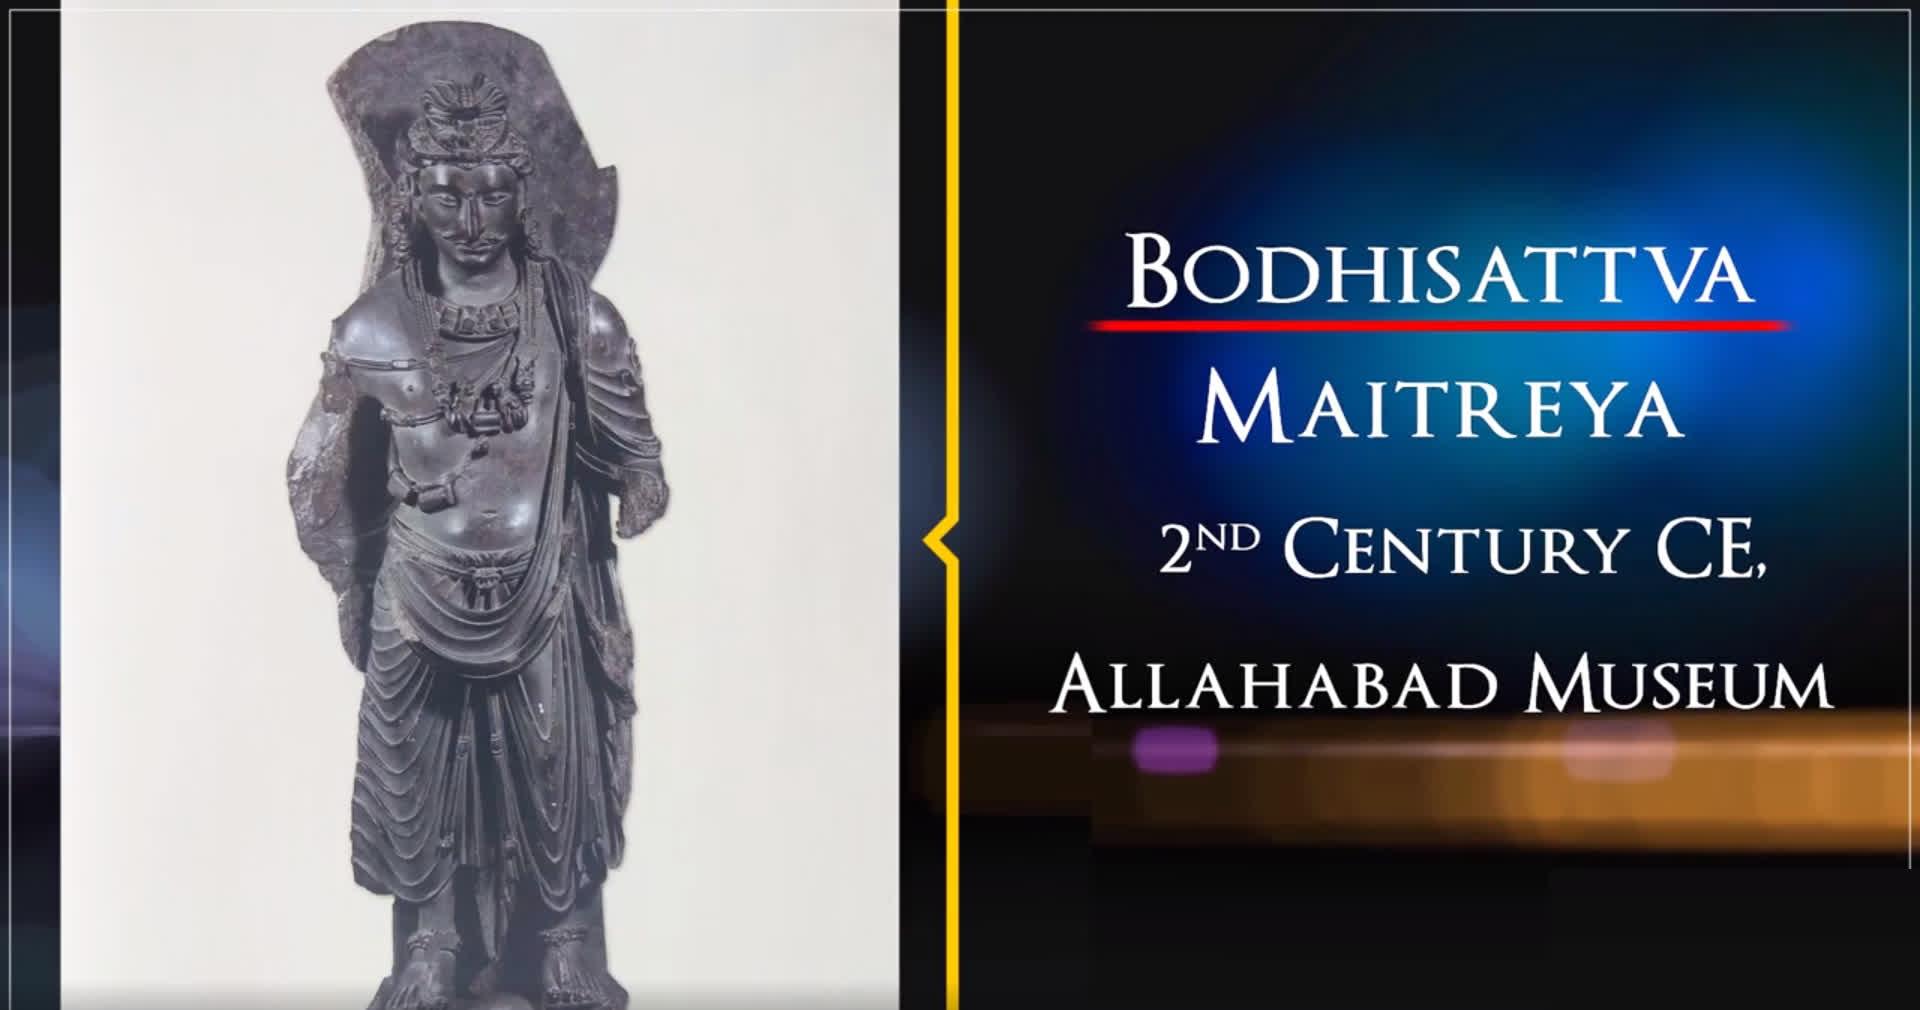 Bodhisattva Maitreya | Treasures of India